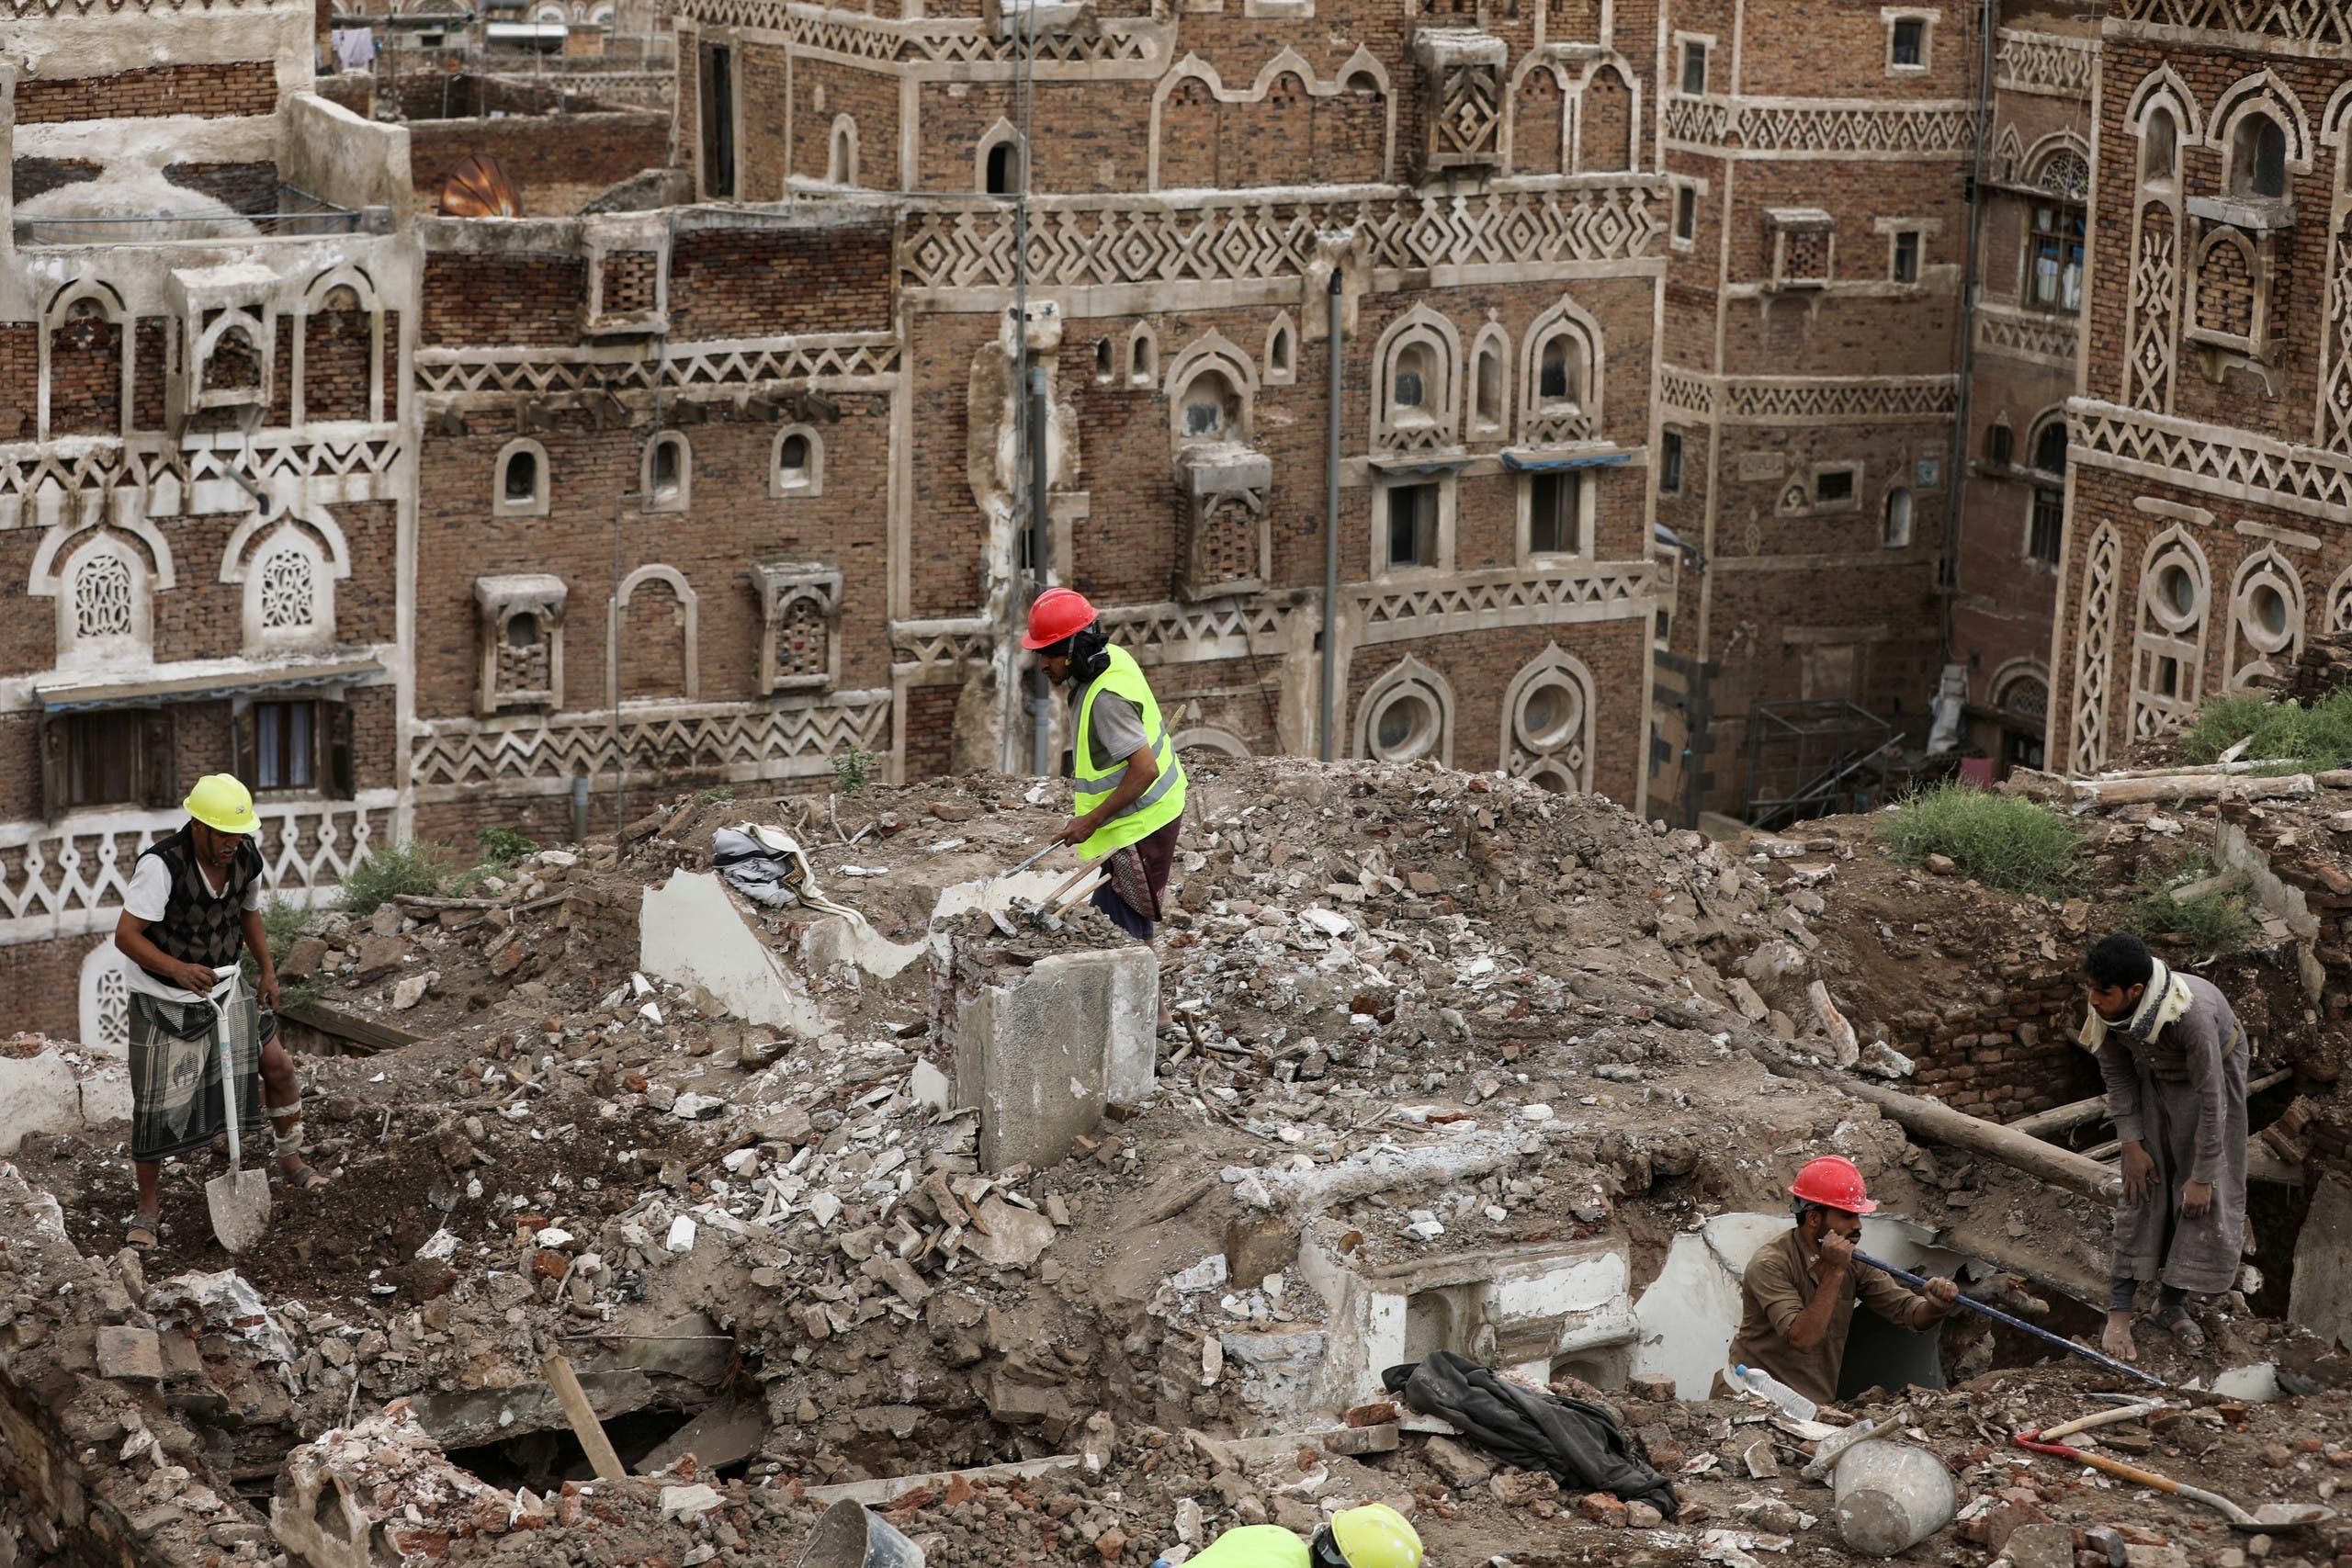 انهيار مبانٍ في صنعاء جراء الأمطار والسيول